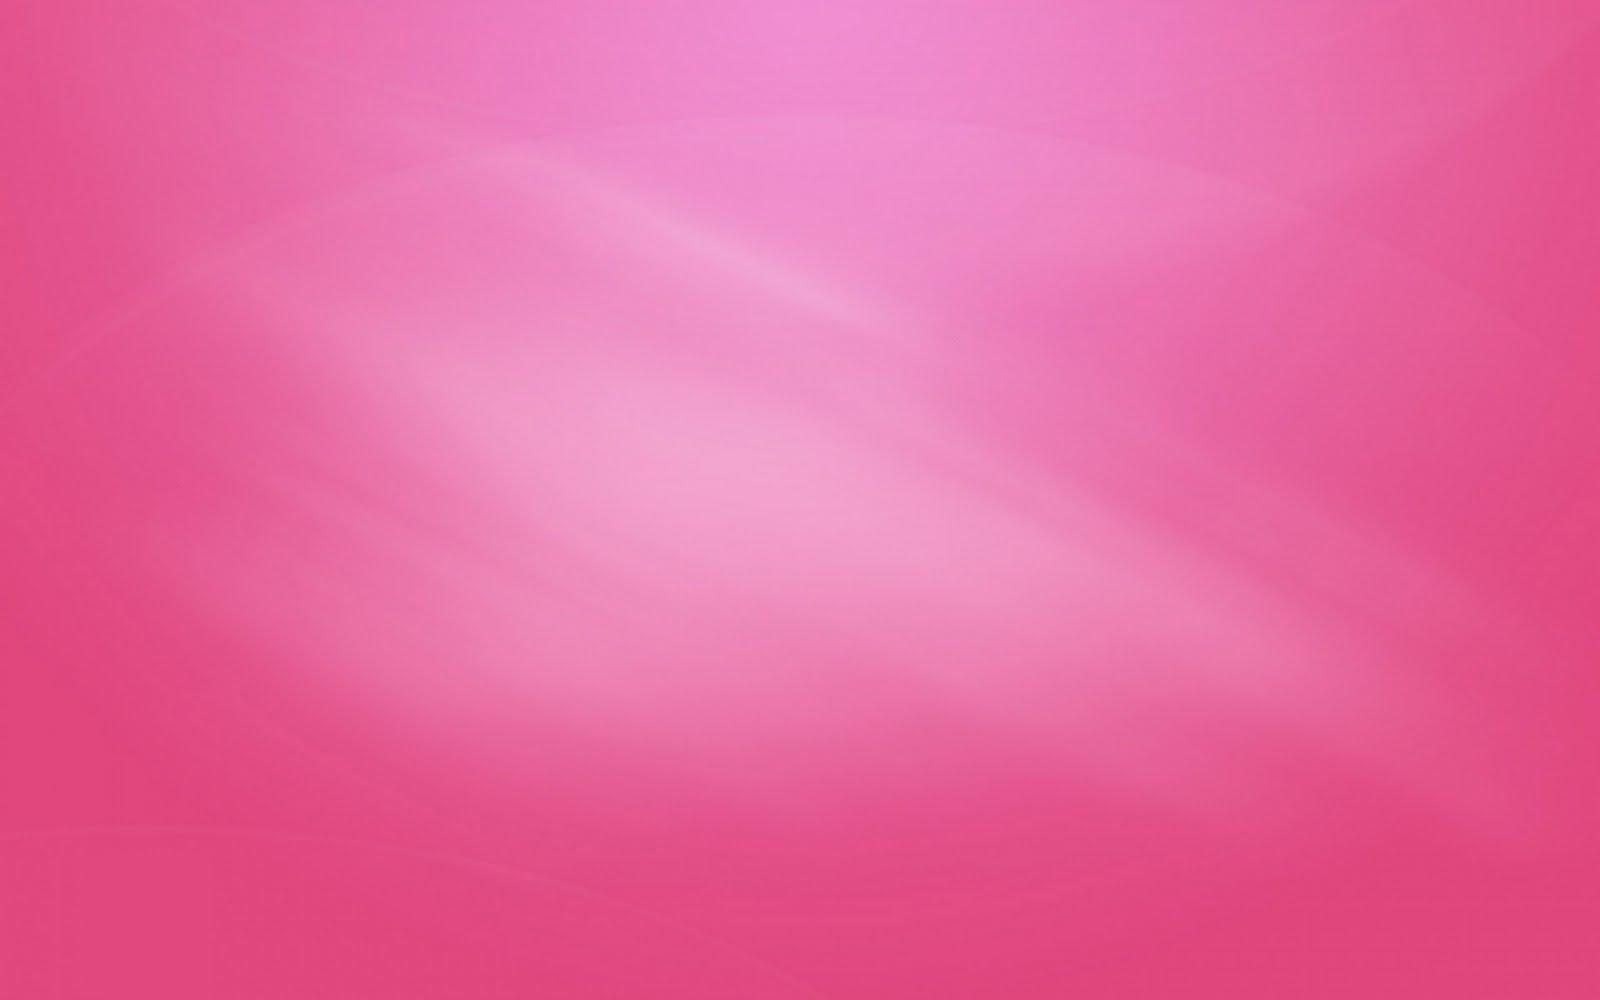 Pink Wallpaper For Girls Laptop